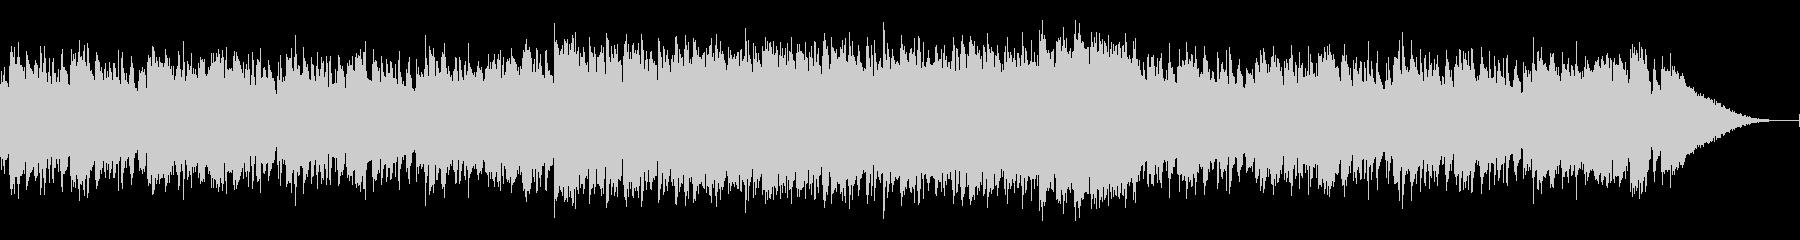 エスニックで情熱的なCM映像用のディスコの未再生の波形